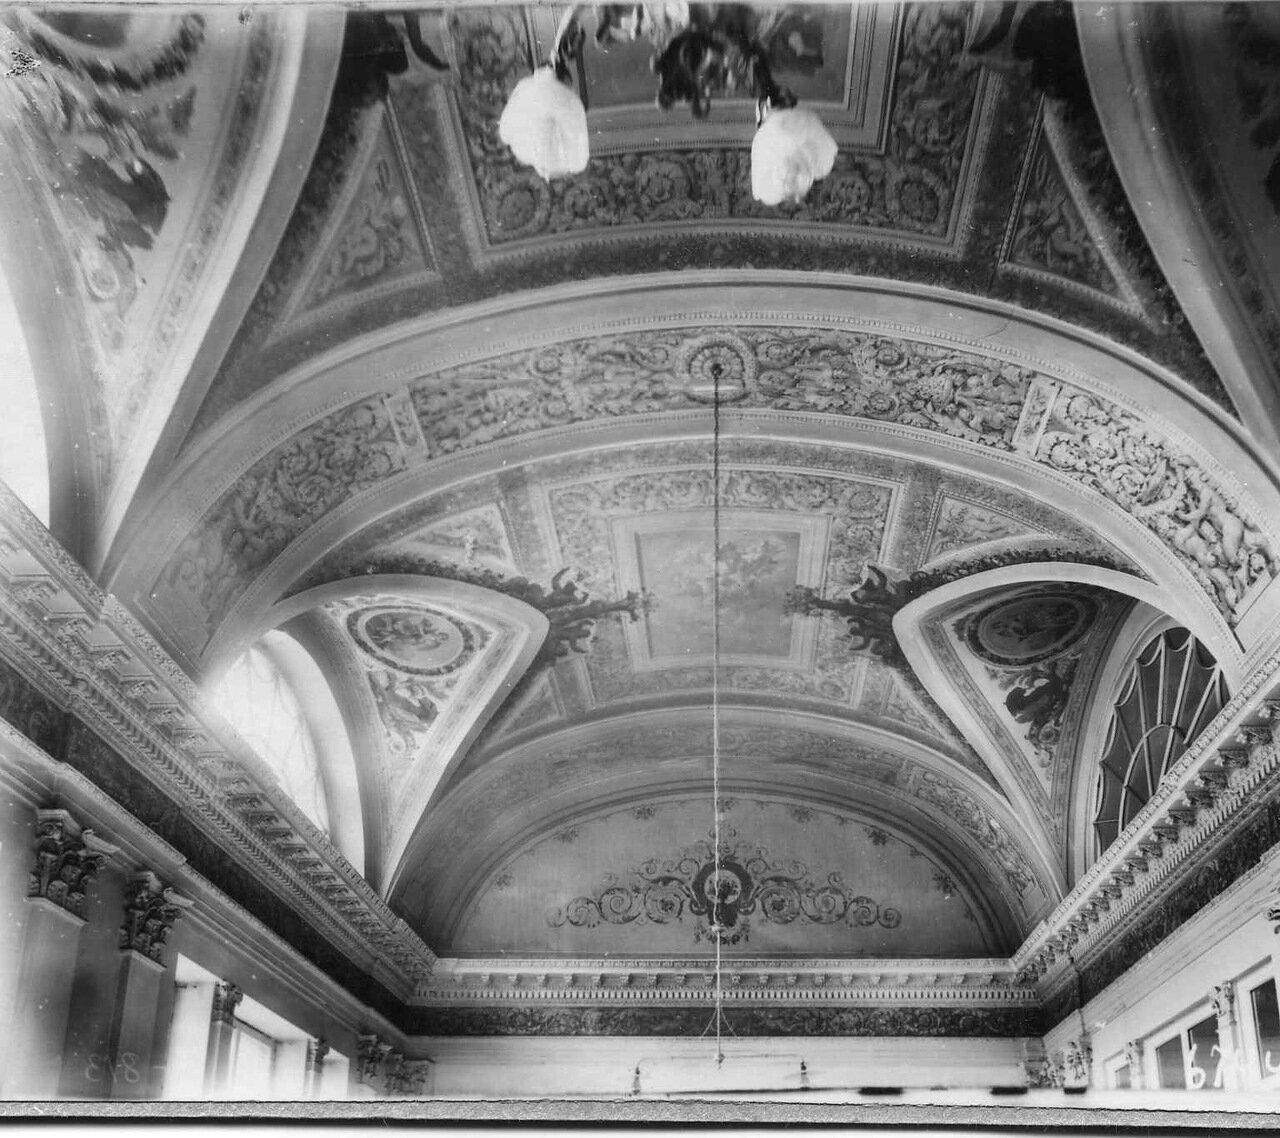 33. Орнамент в Обеденном зале посольства